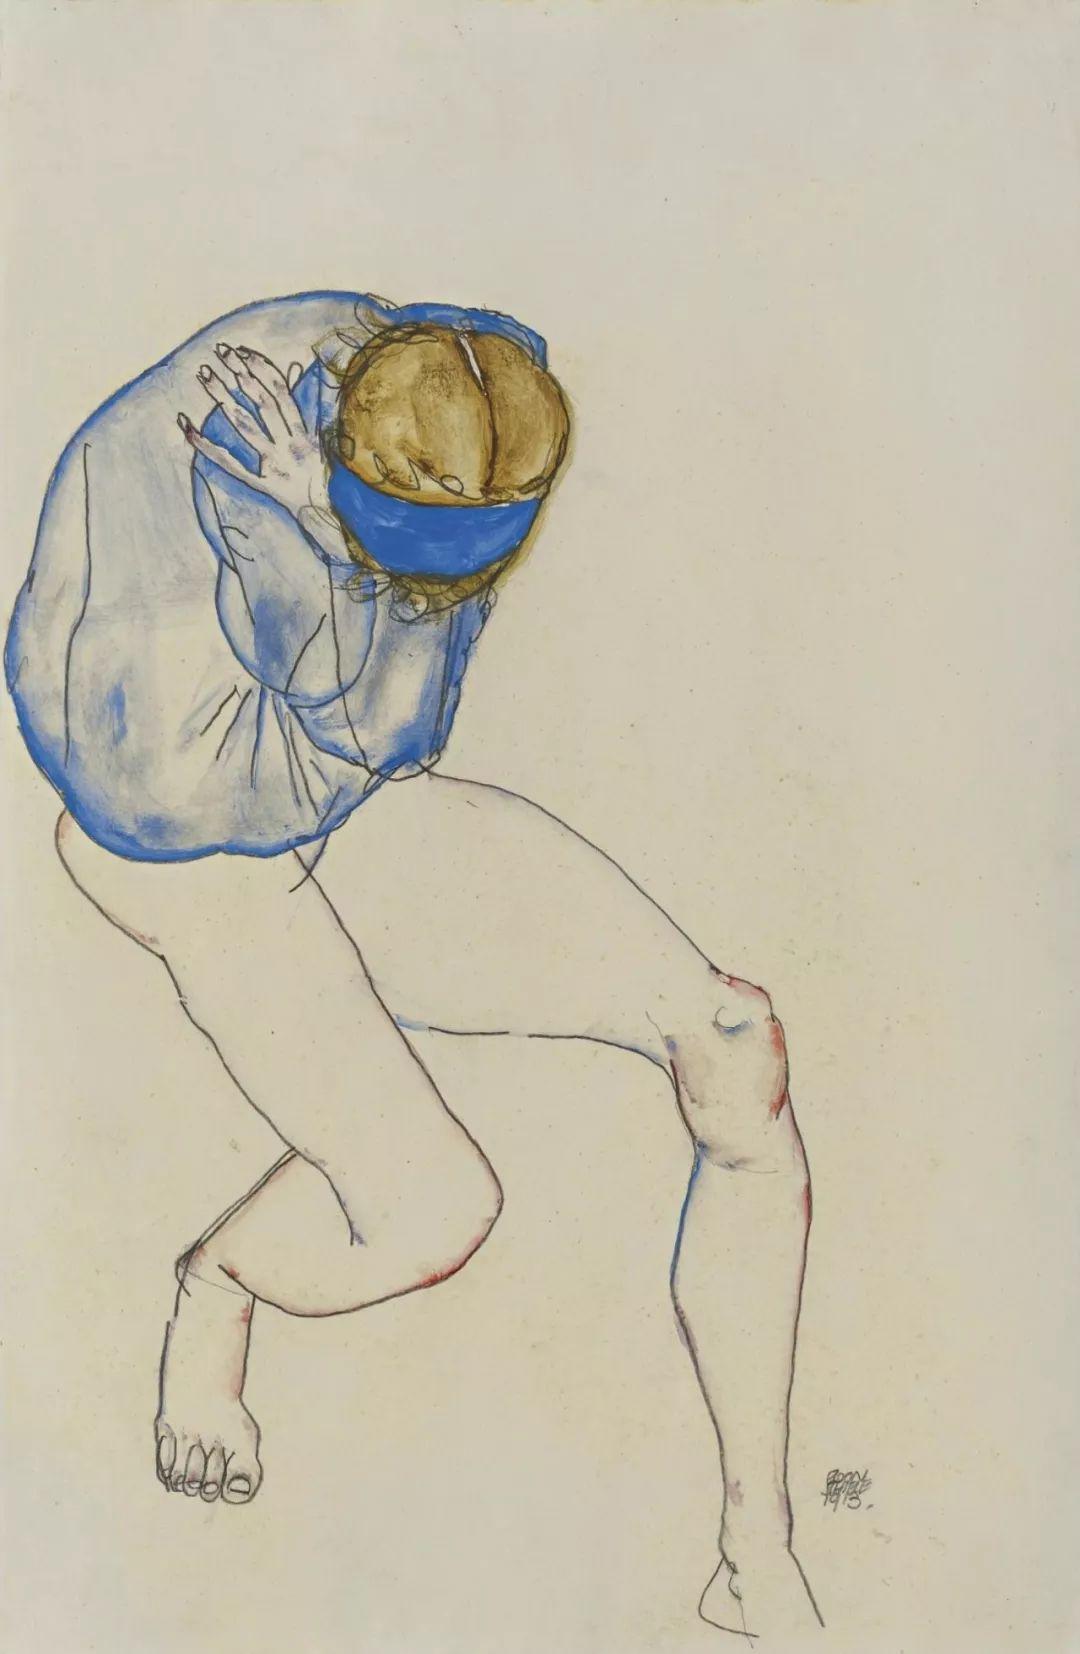 年仅28岁,生前遭受非议,死后却被捧为直逼心灵的艺术家插图67